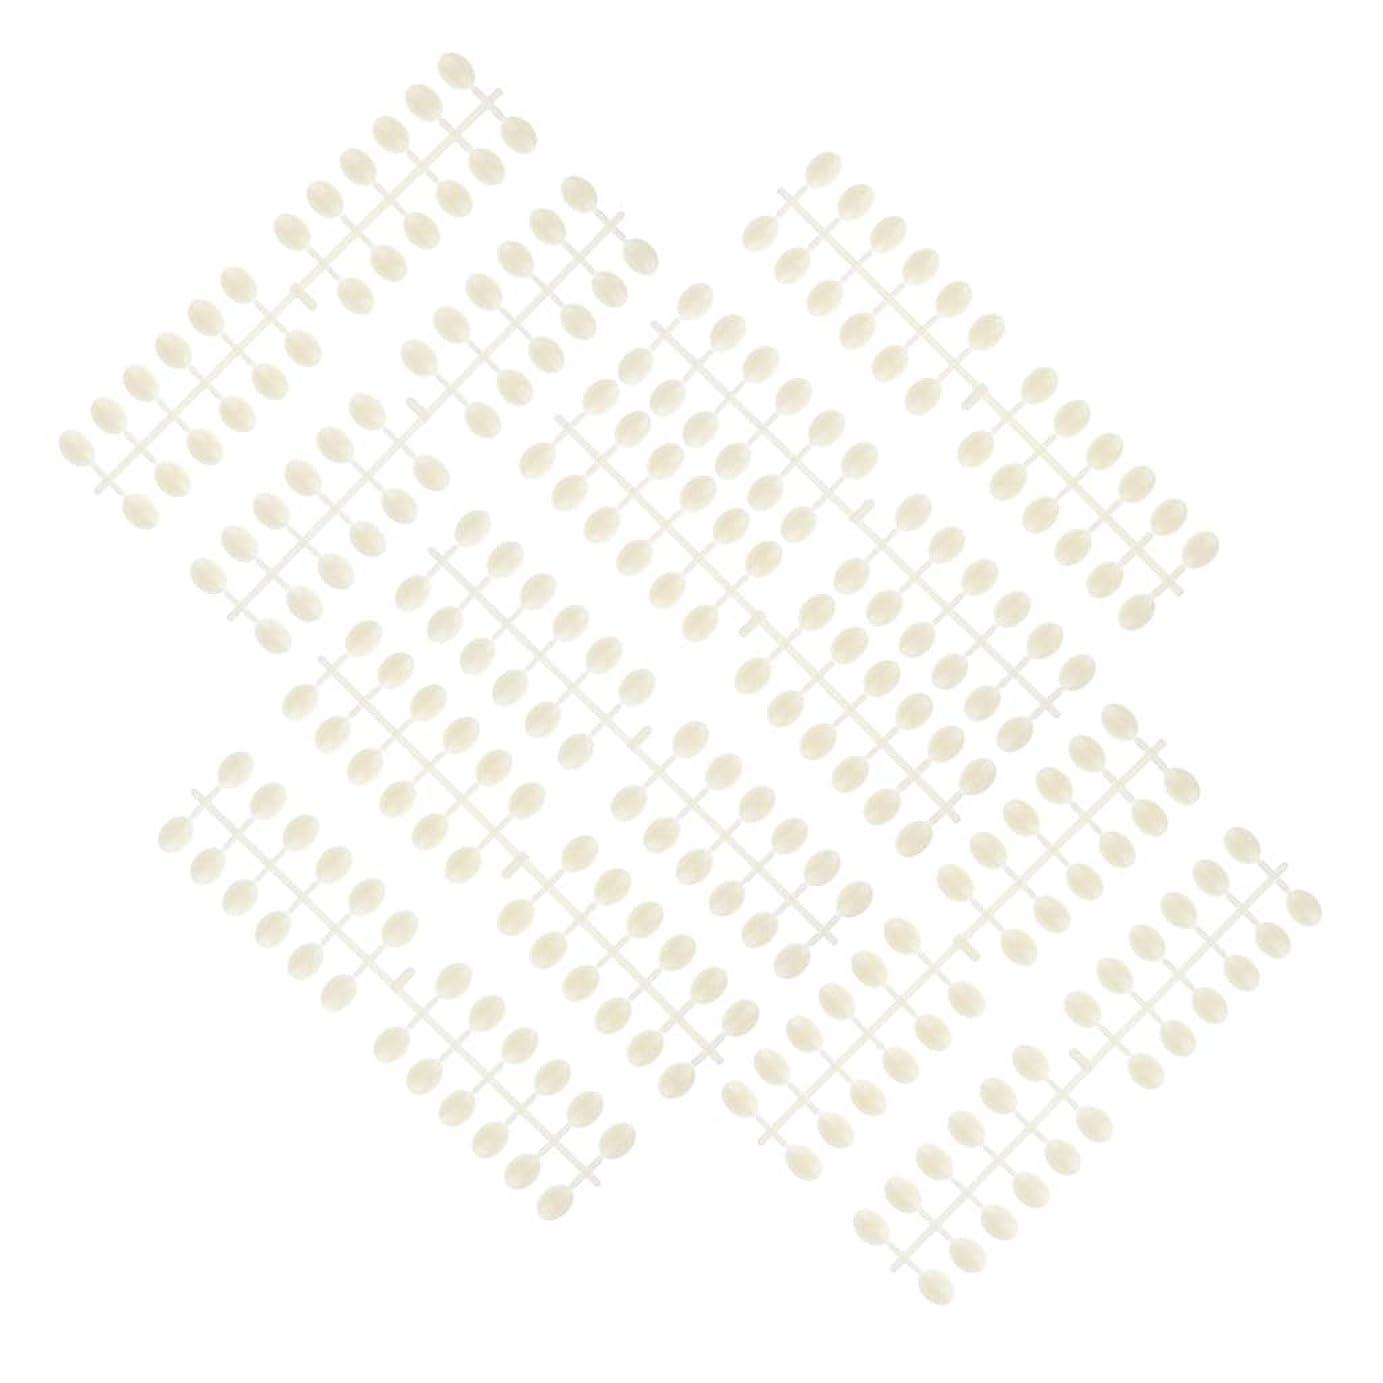 P Prettyia 10枚 ネイルアートチップ カラーカード ネイルサロン プロ 3タイプ選べ - ラウンドビーズ